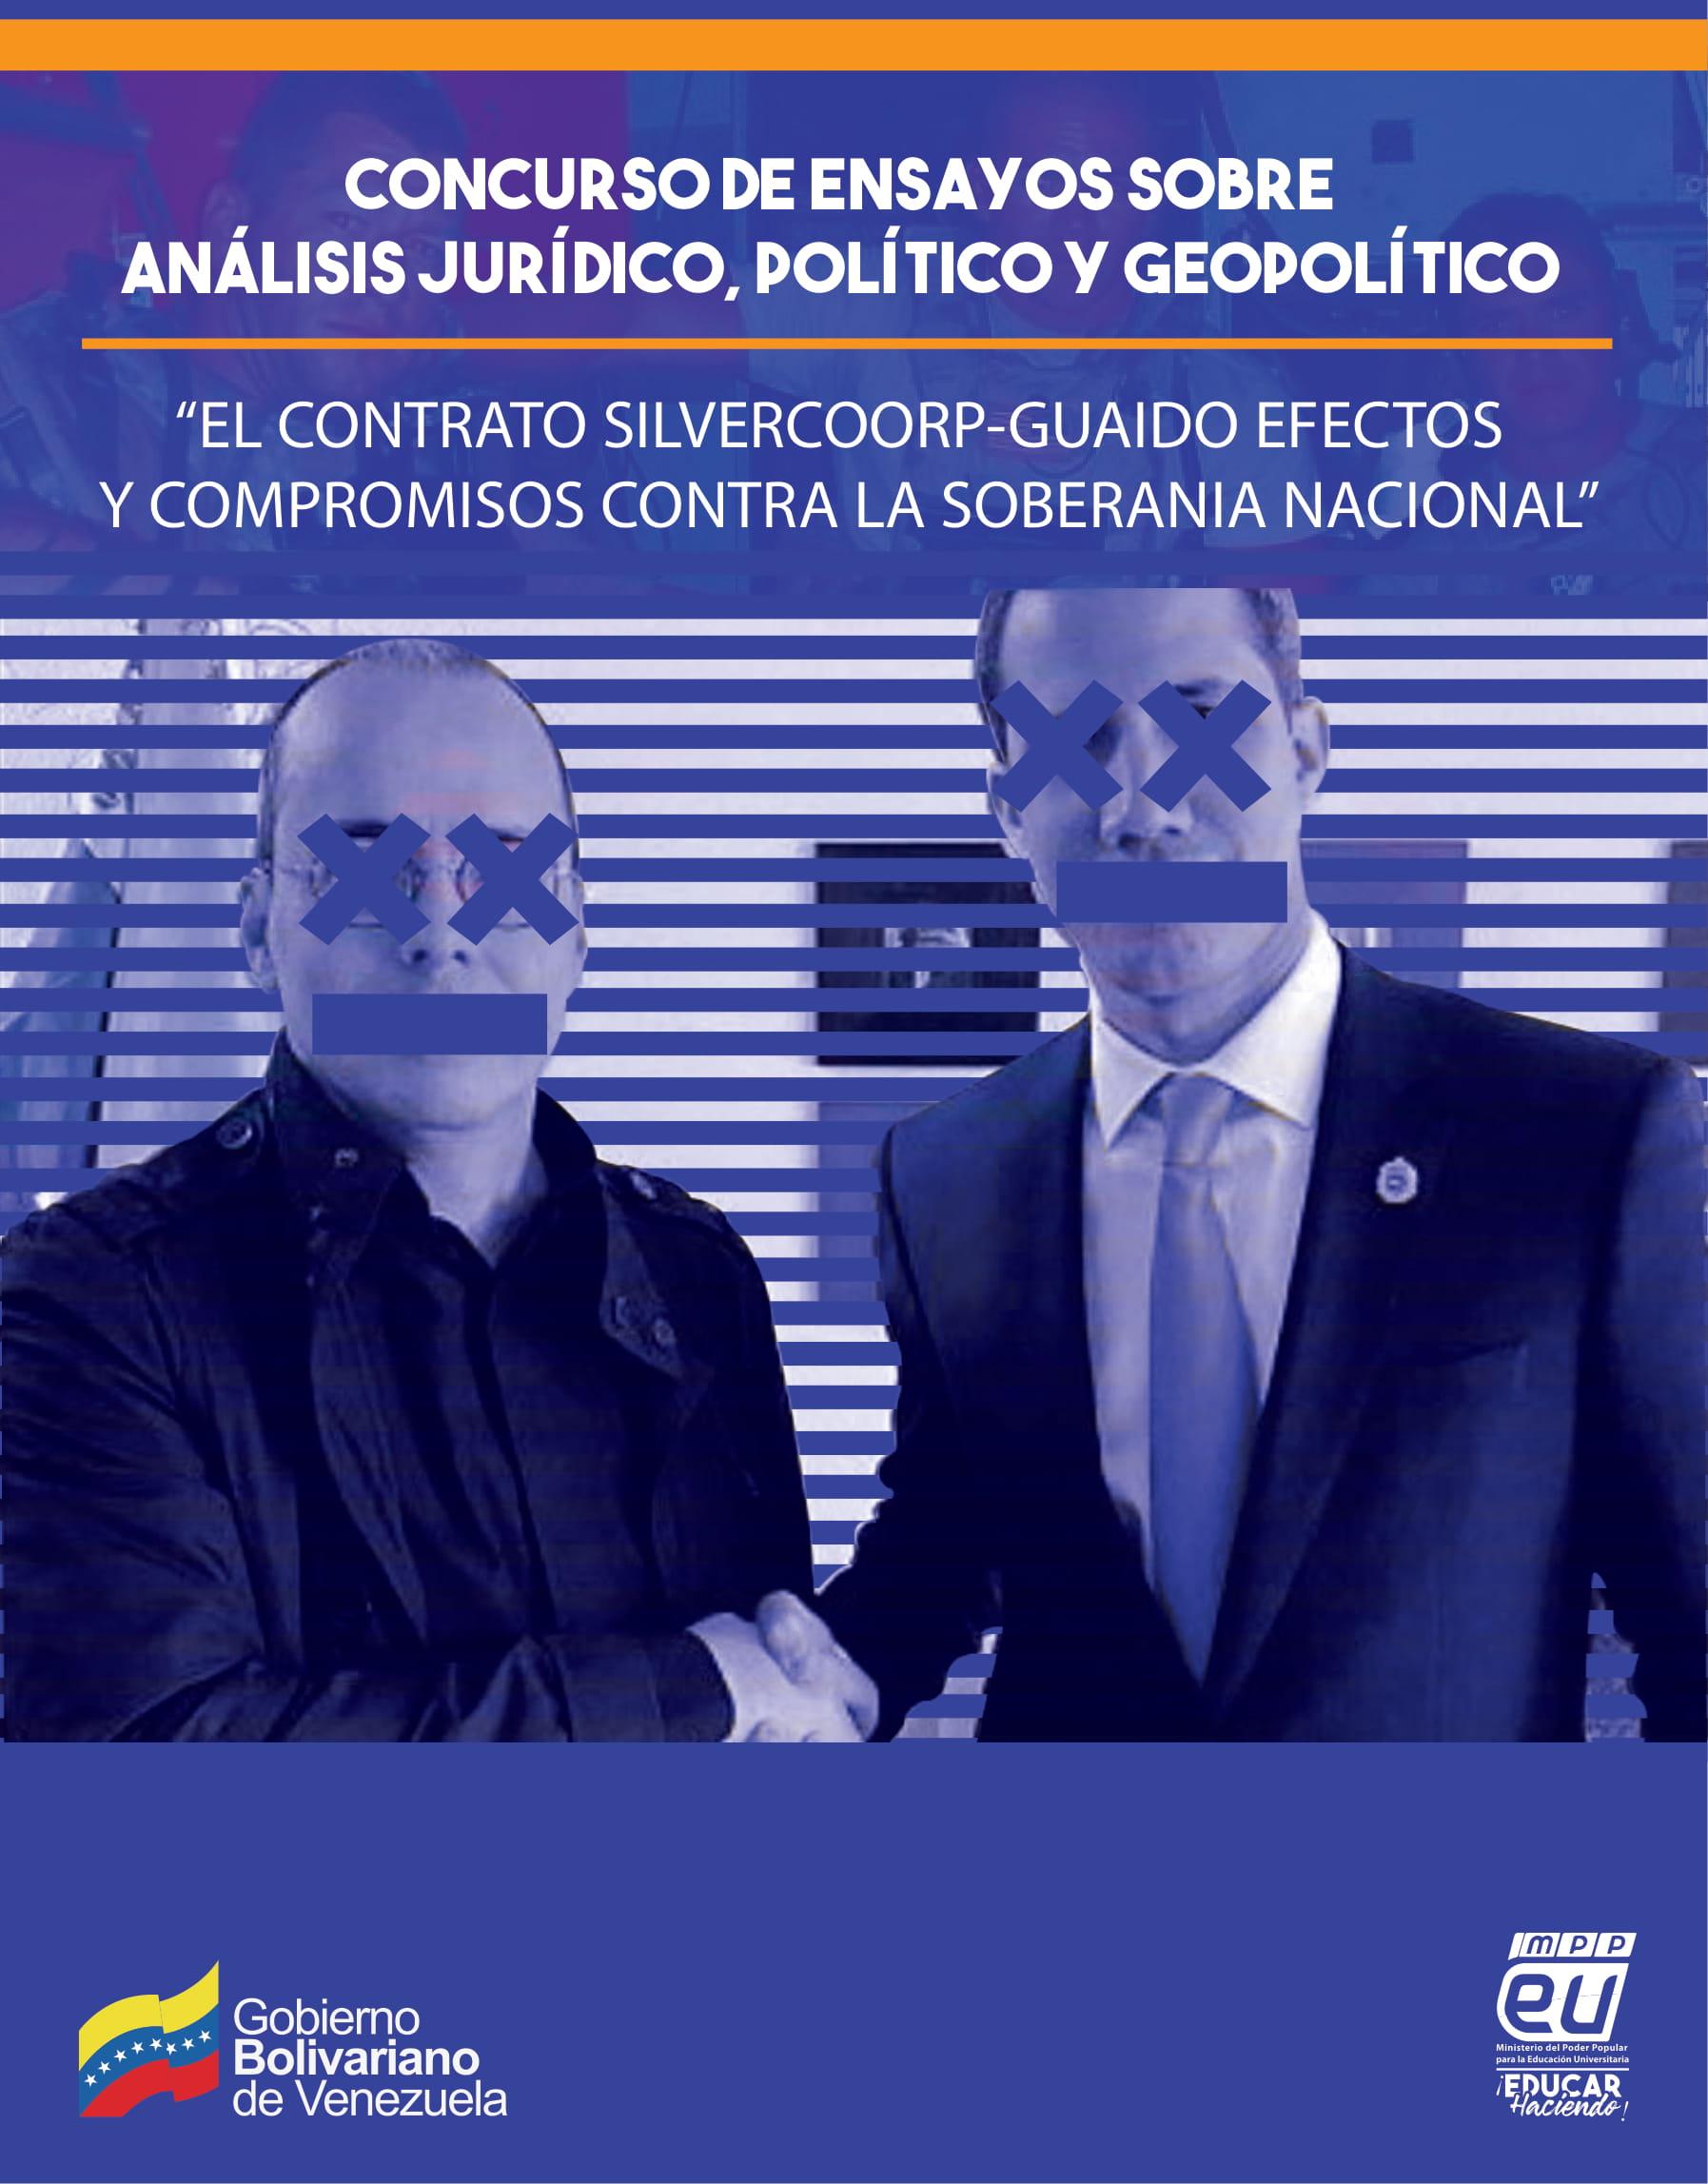 Concurso Universitario sobre Análisis Jurídico, Político y Geopolítico